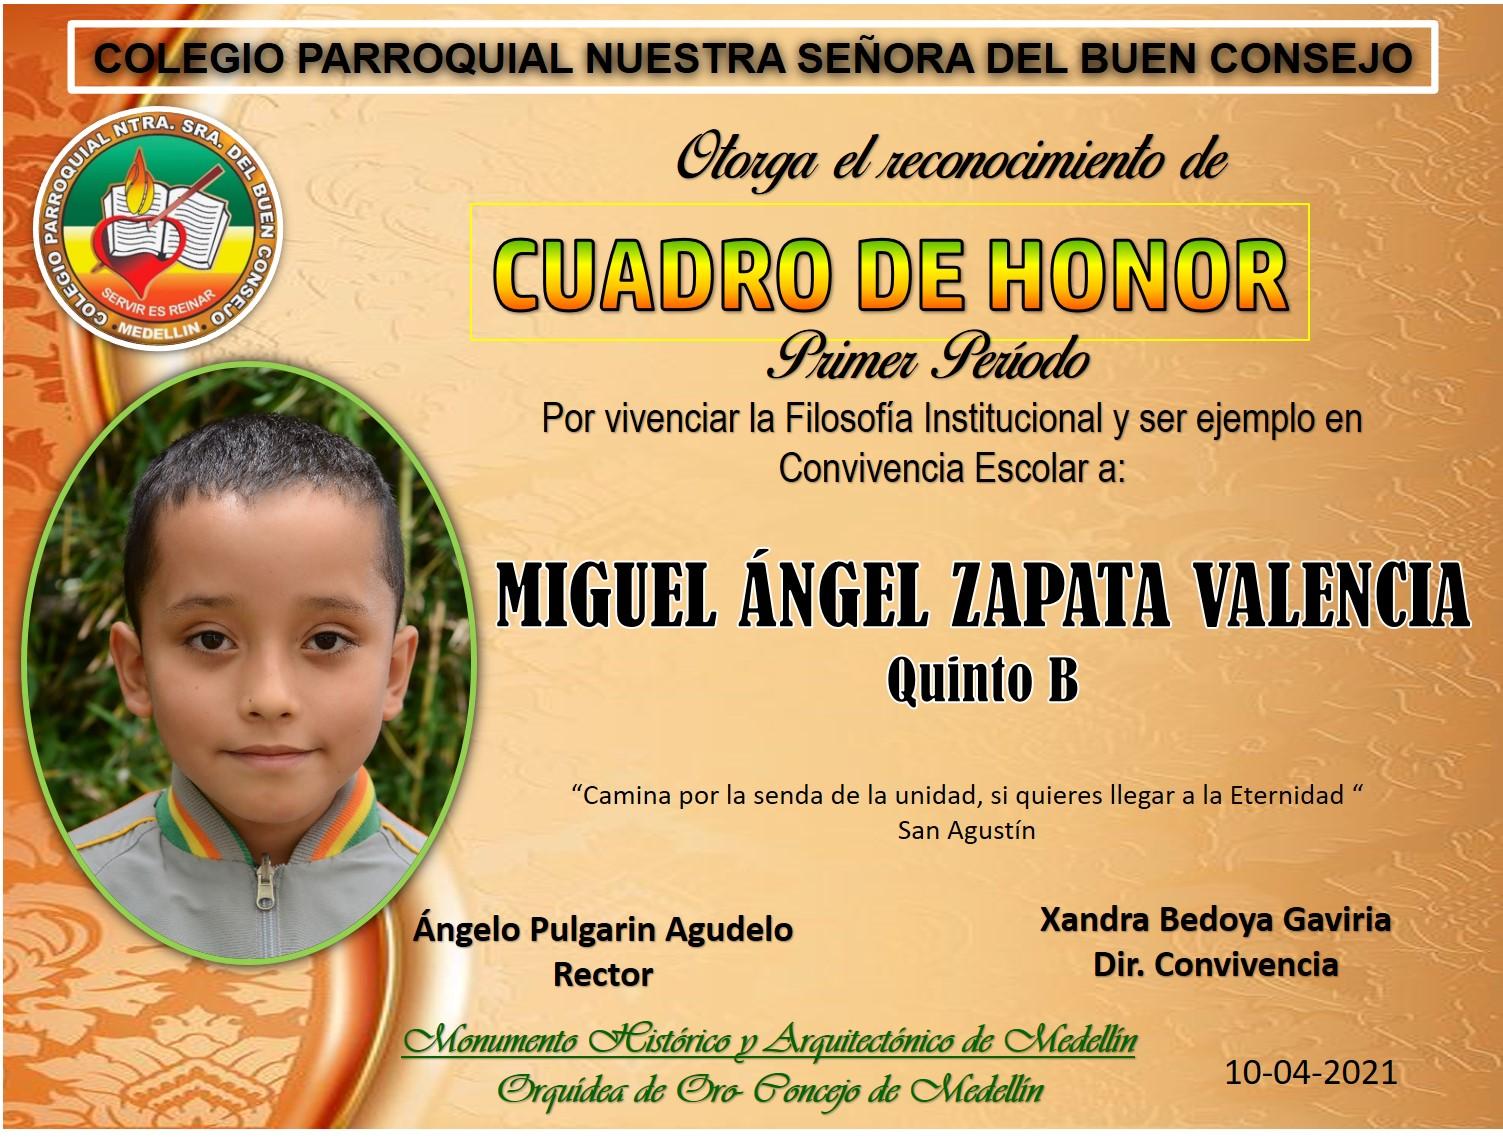 5°B MIGUEL ANGEL ZAPATA VALENCIA